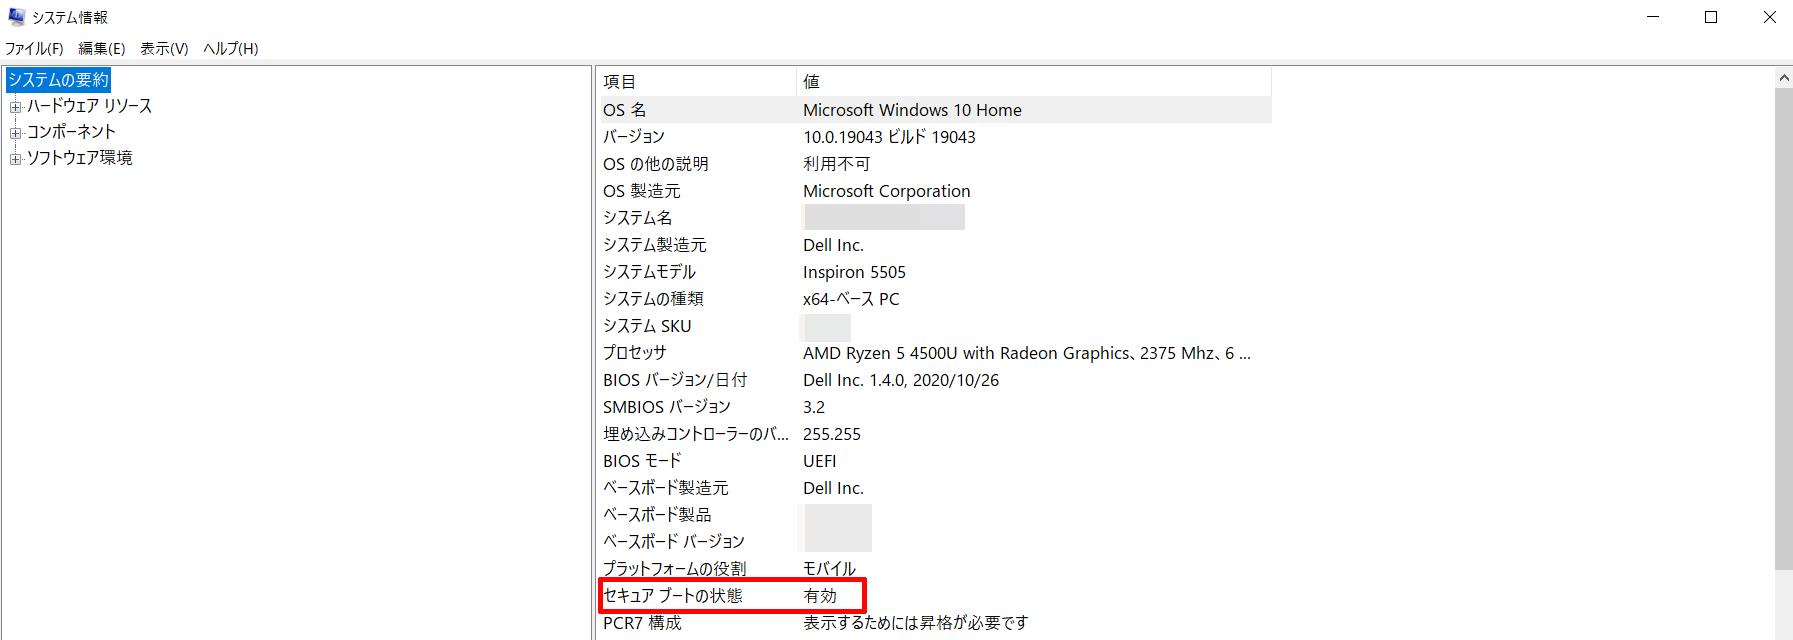 Windows 10でセキュアブートを有効(オン)にする方法